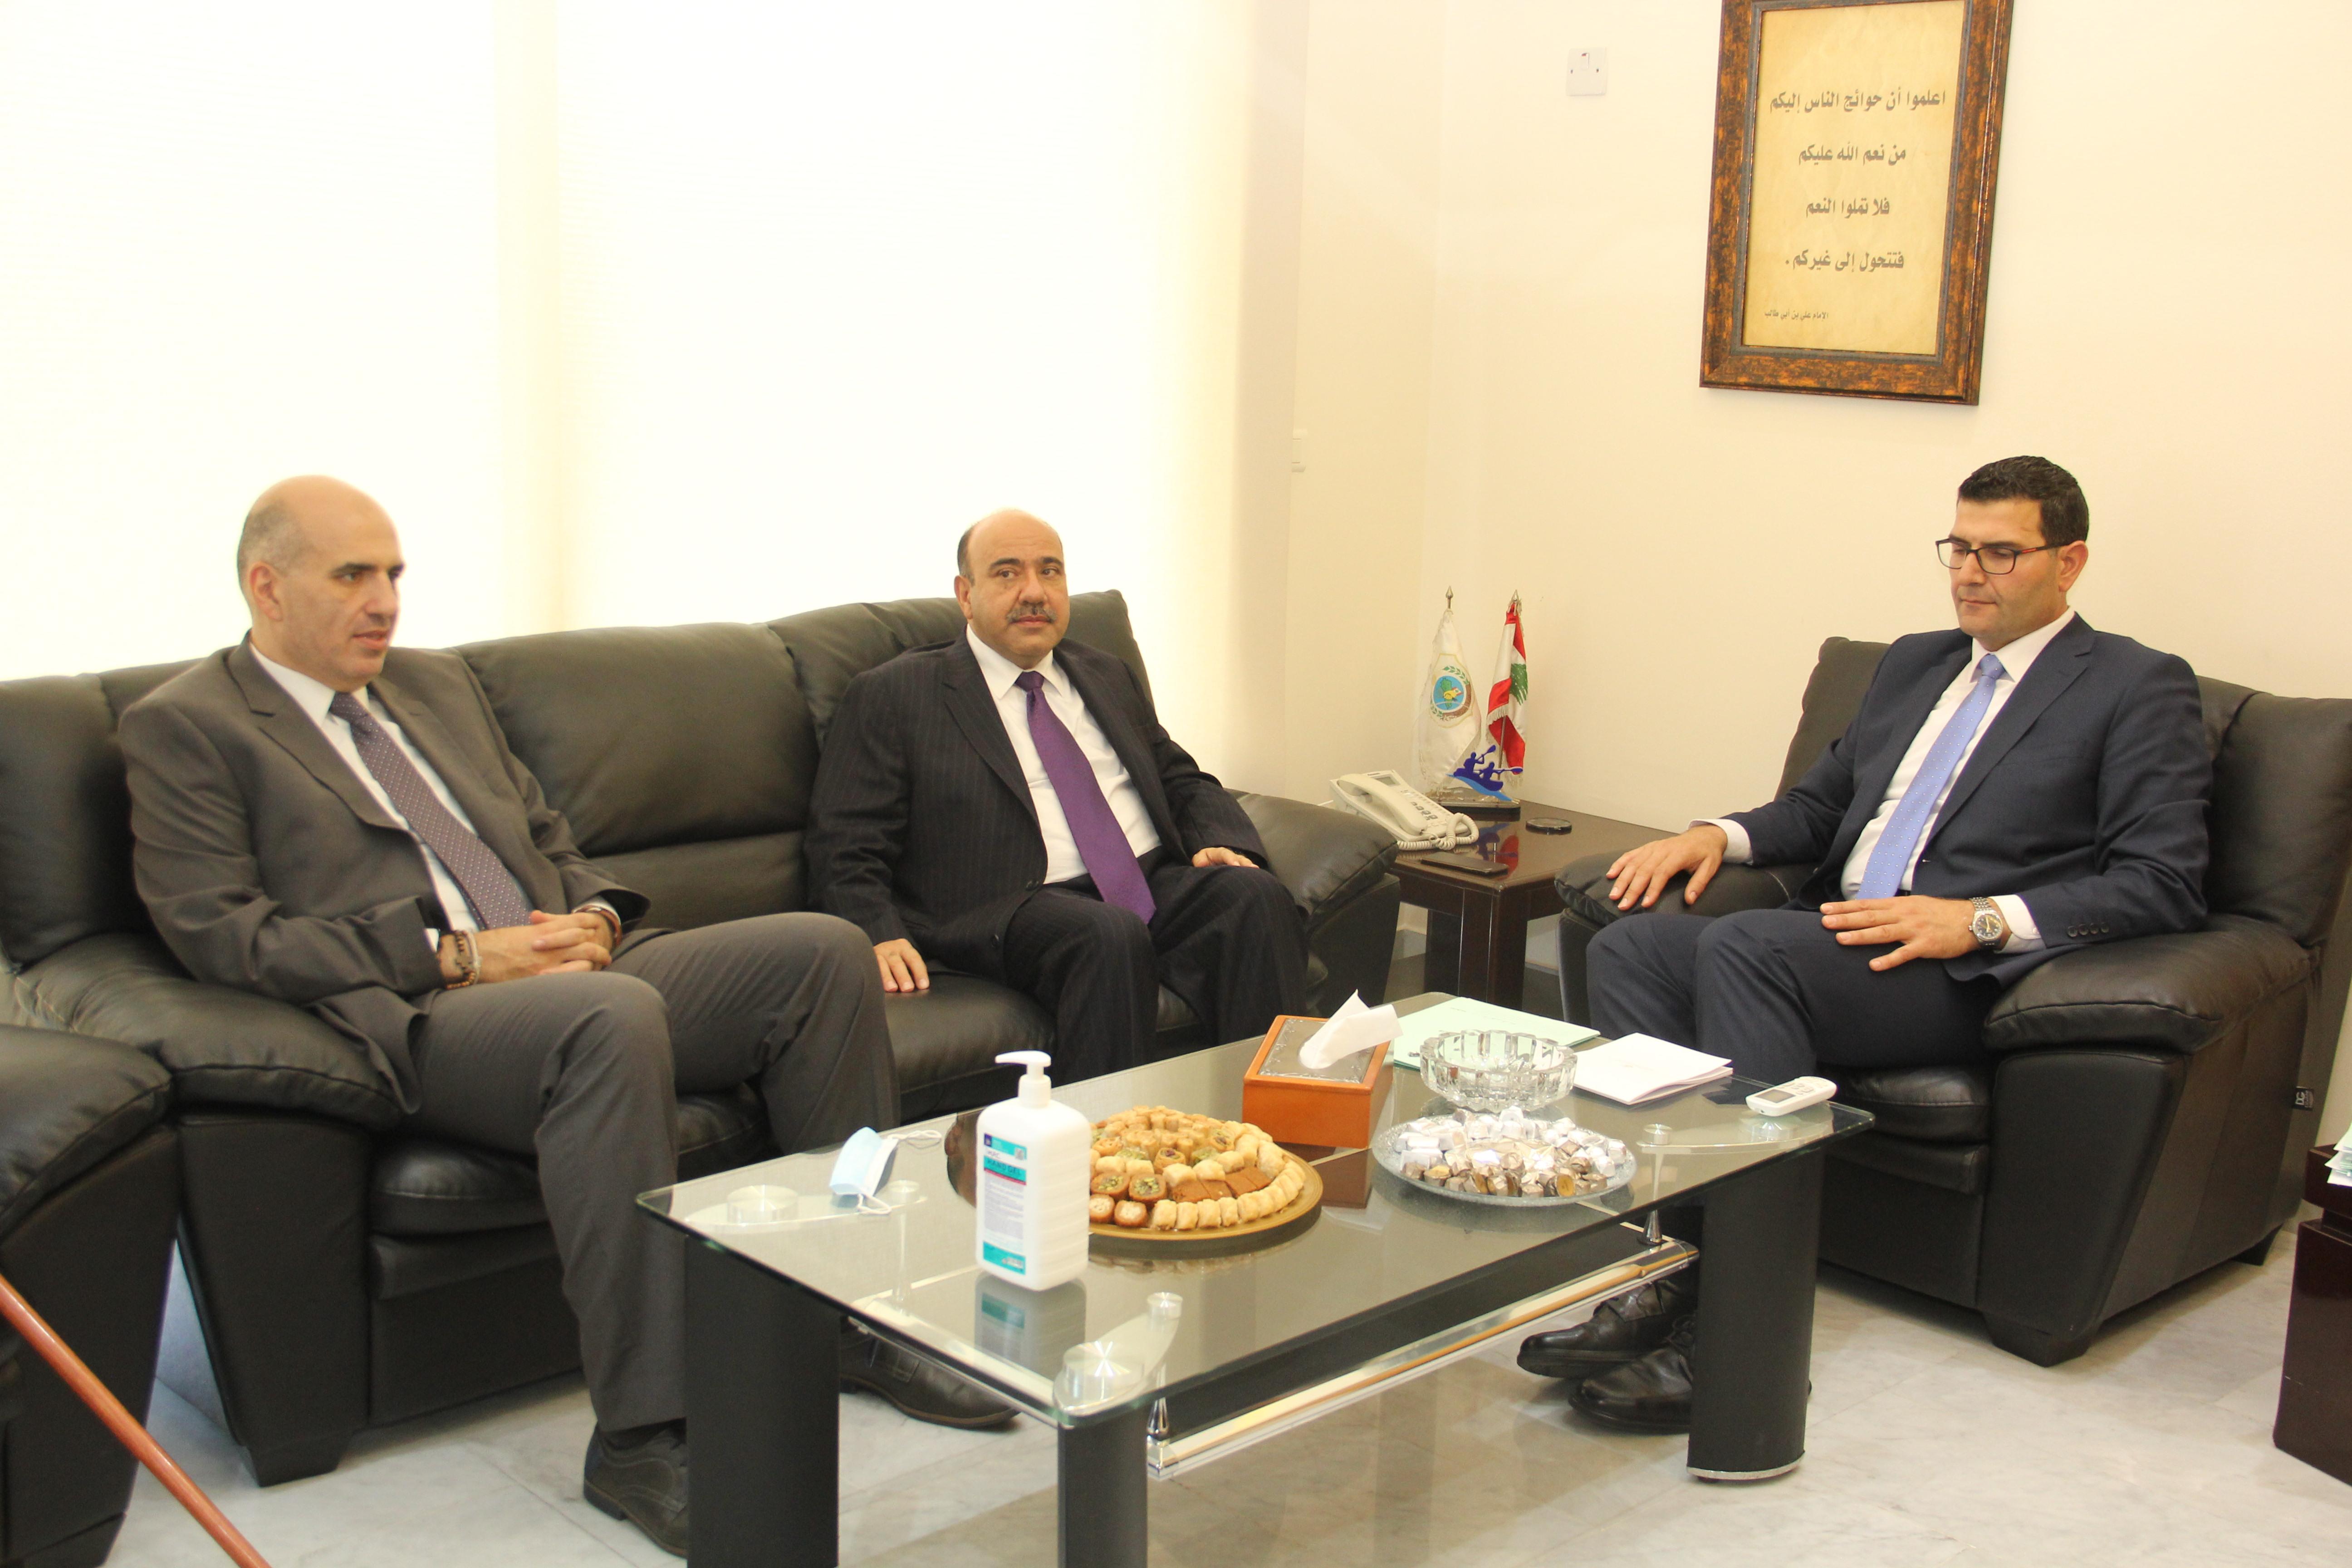 وزير الزراعة استقبل السفير الاردني